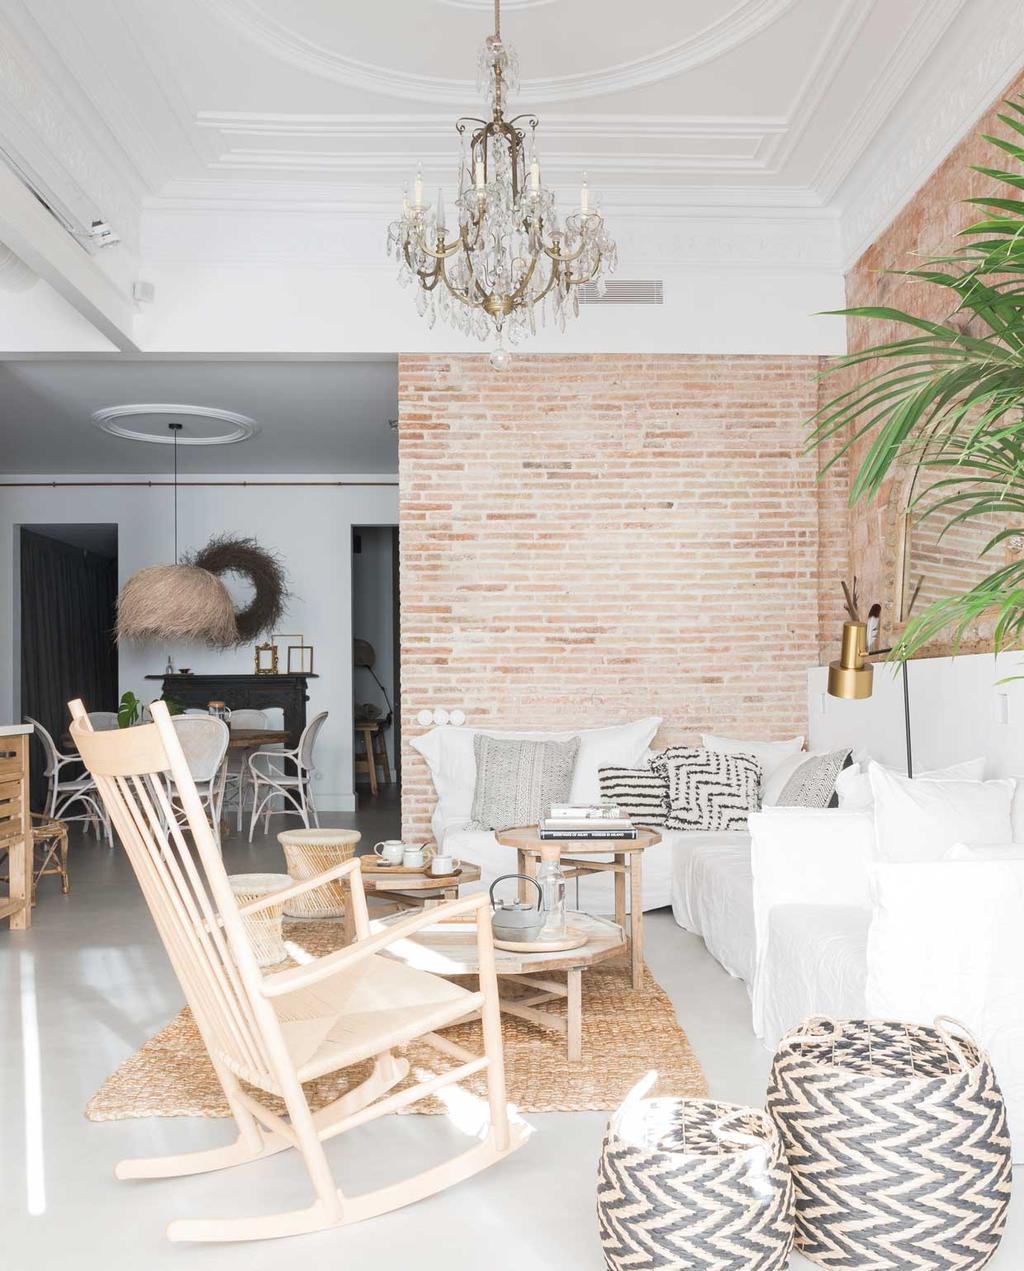 vtwonen 09 | Binnenkijker | Witte wonkamer met schommelstoel en en houten elementen